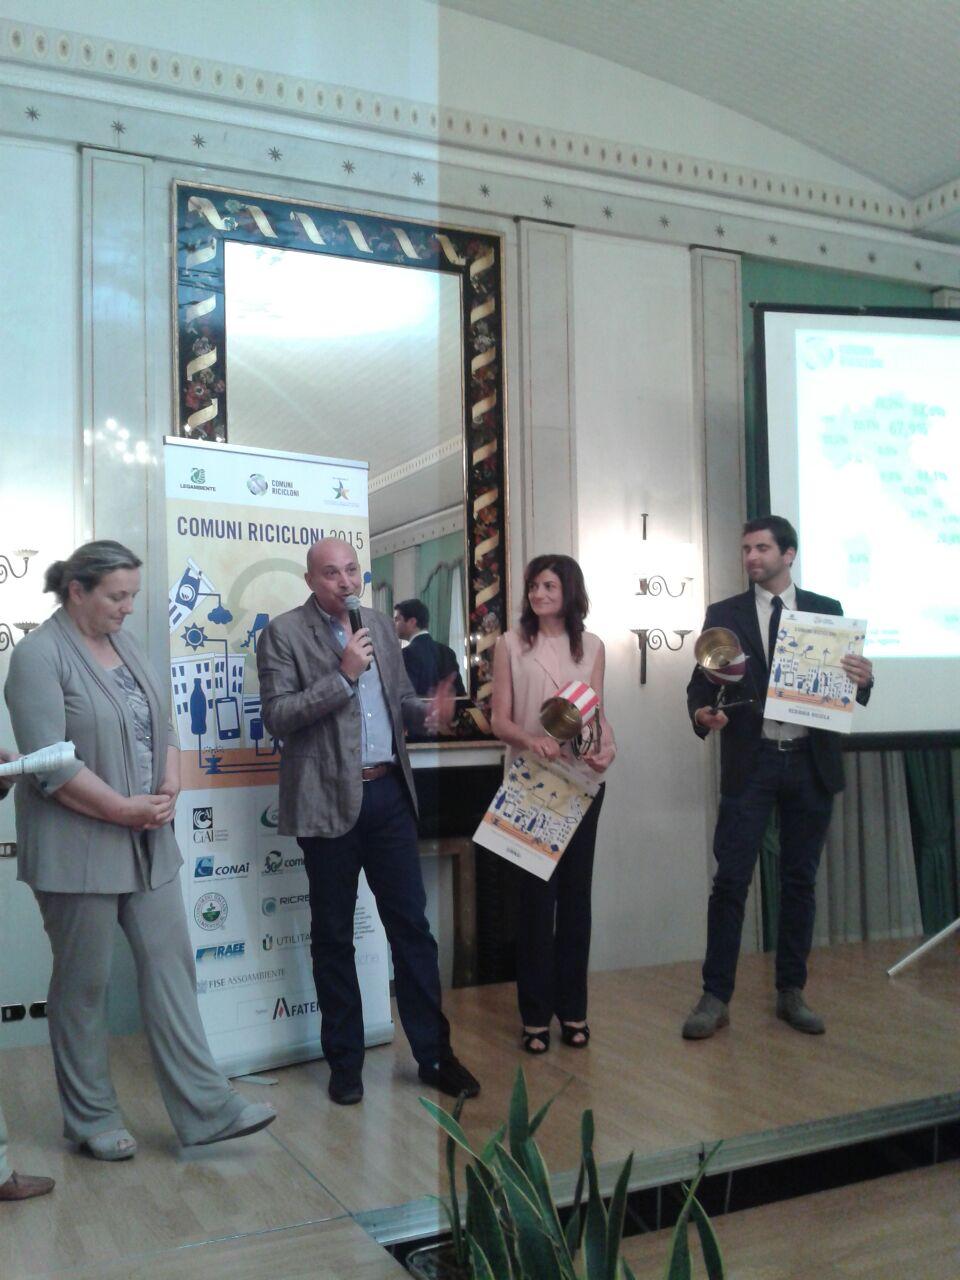 Roccandrea Iascone alla cerimonia di premiazione di Comuni Ricicloni 2015